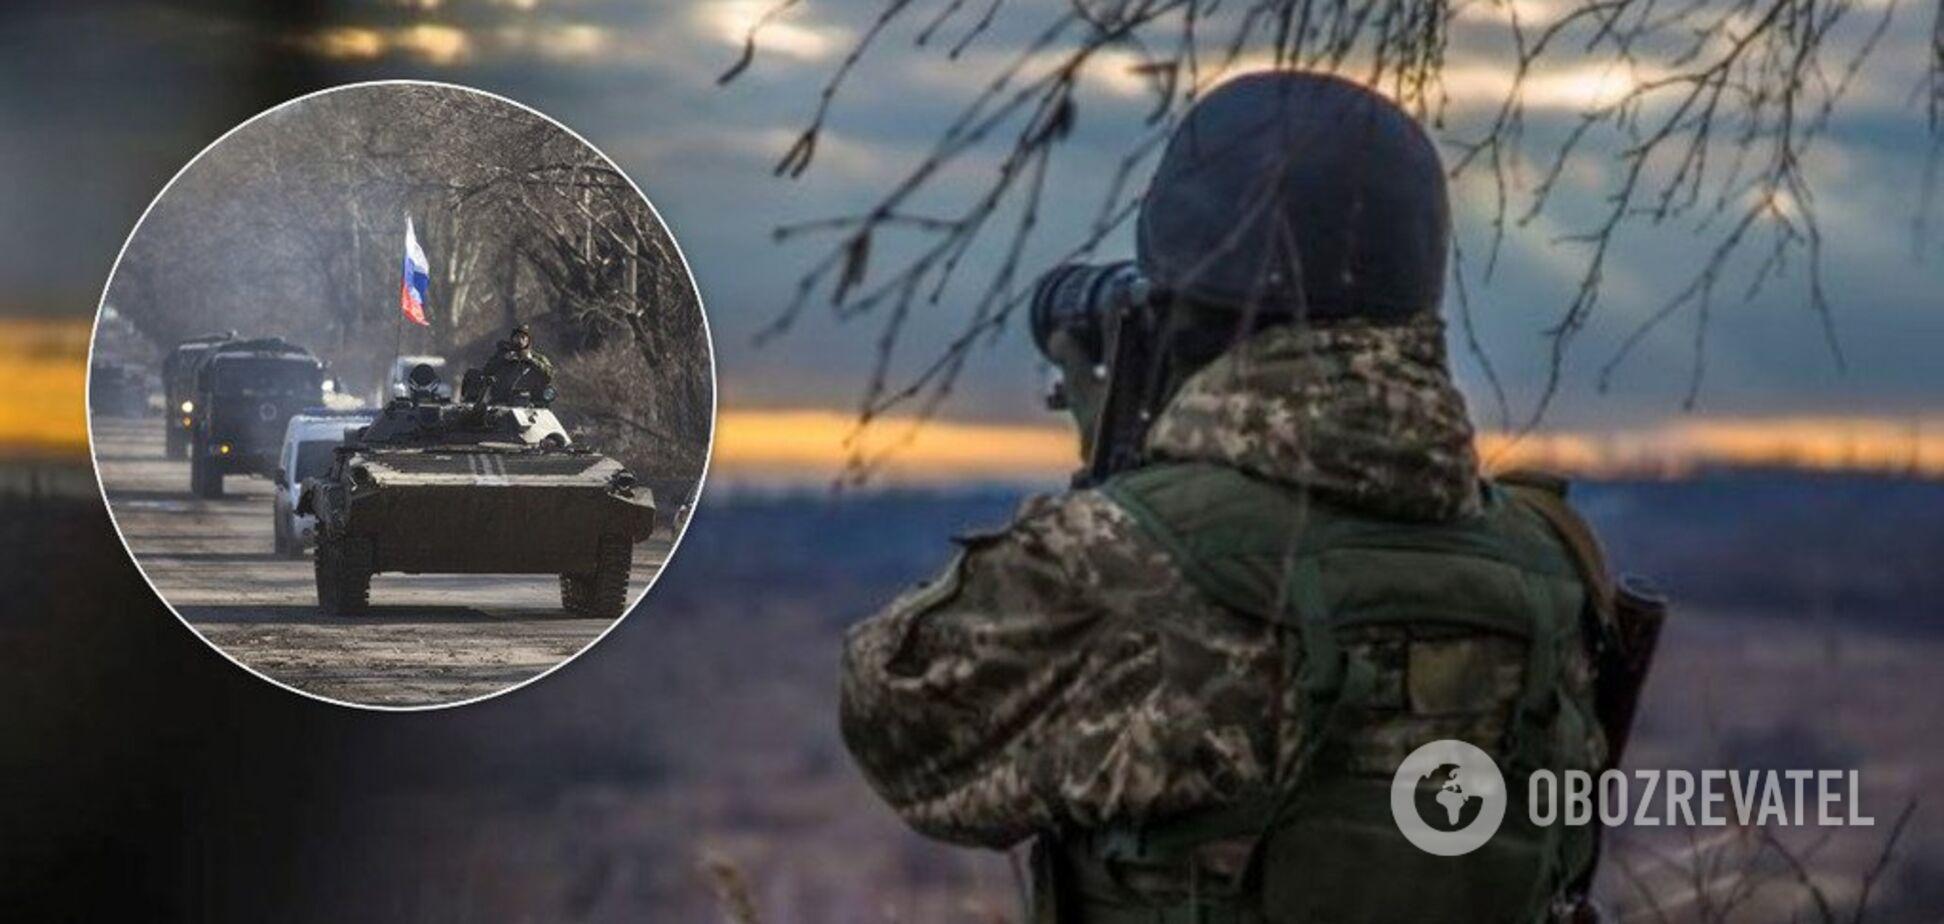 Снайперы и новая техника: разведка засекла опасные маневры террористов на Донбассе